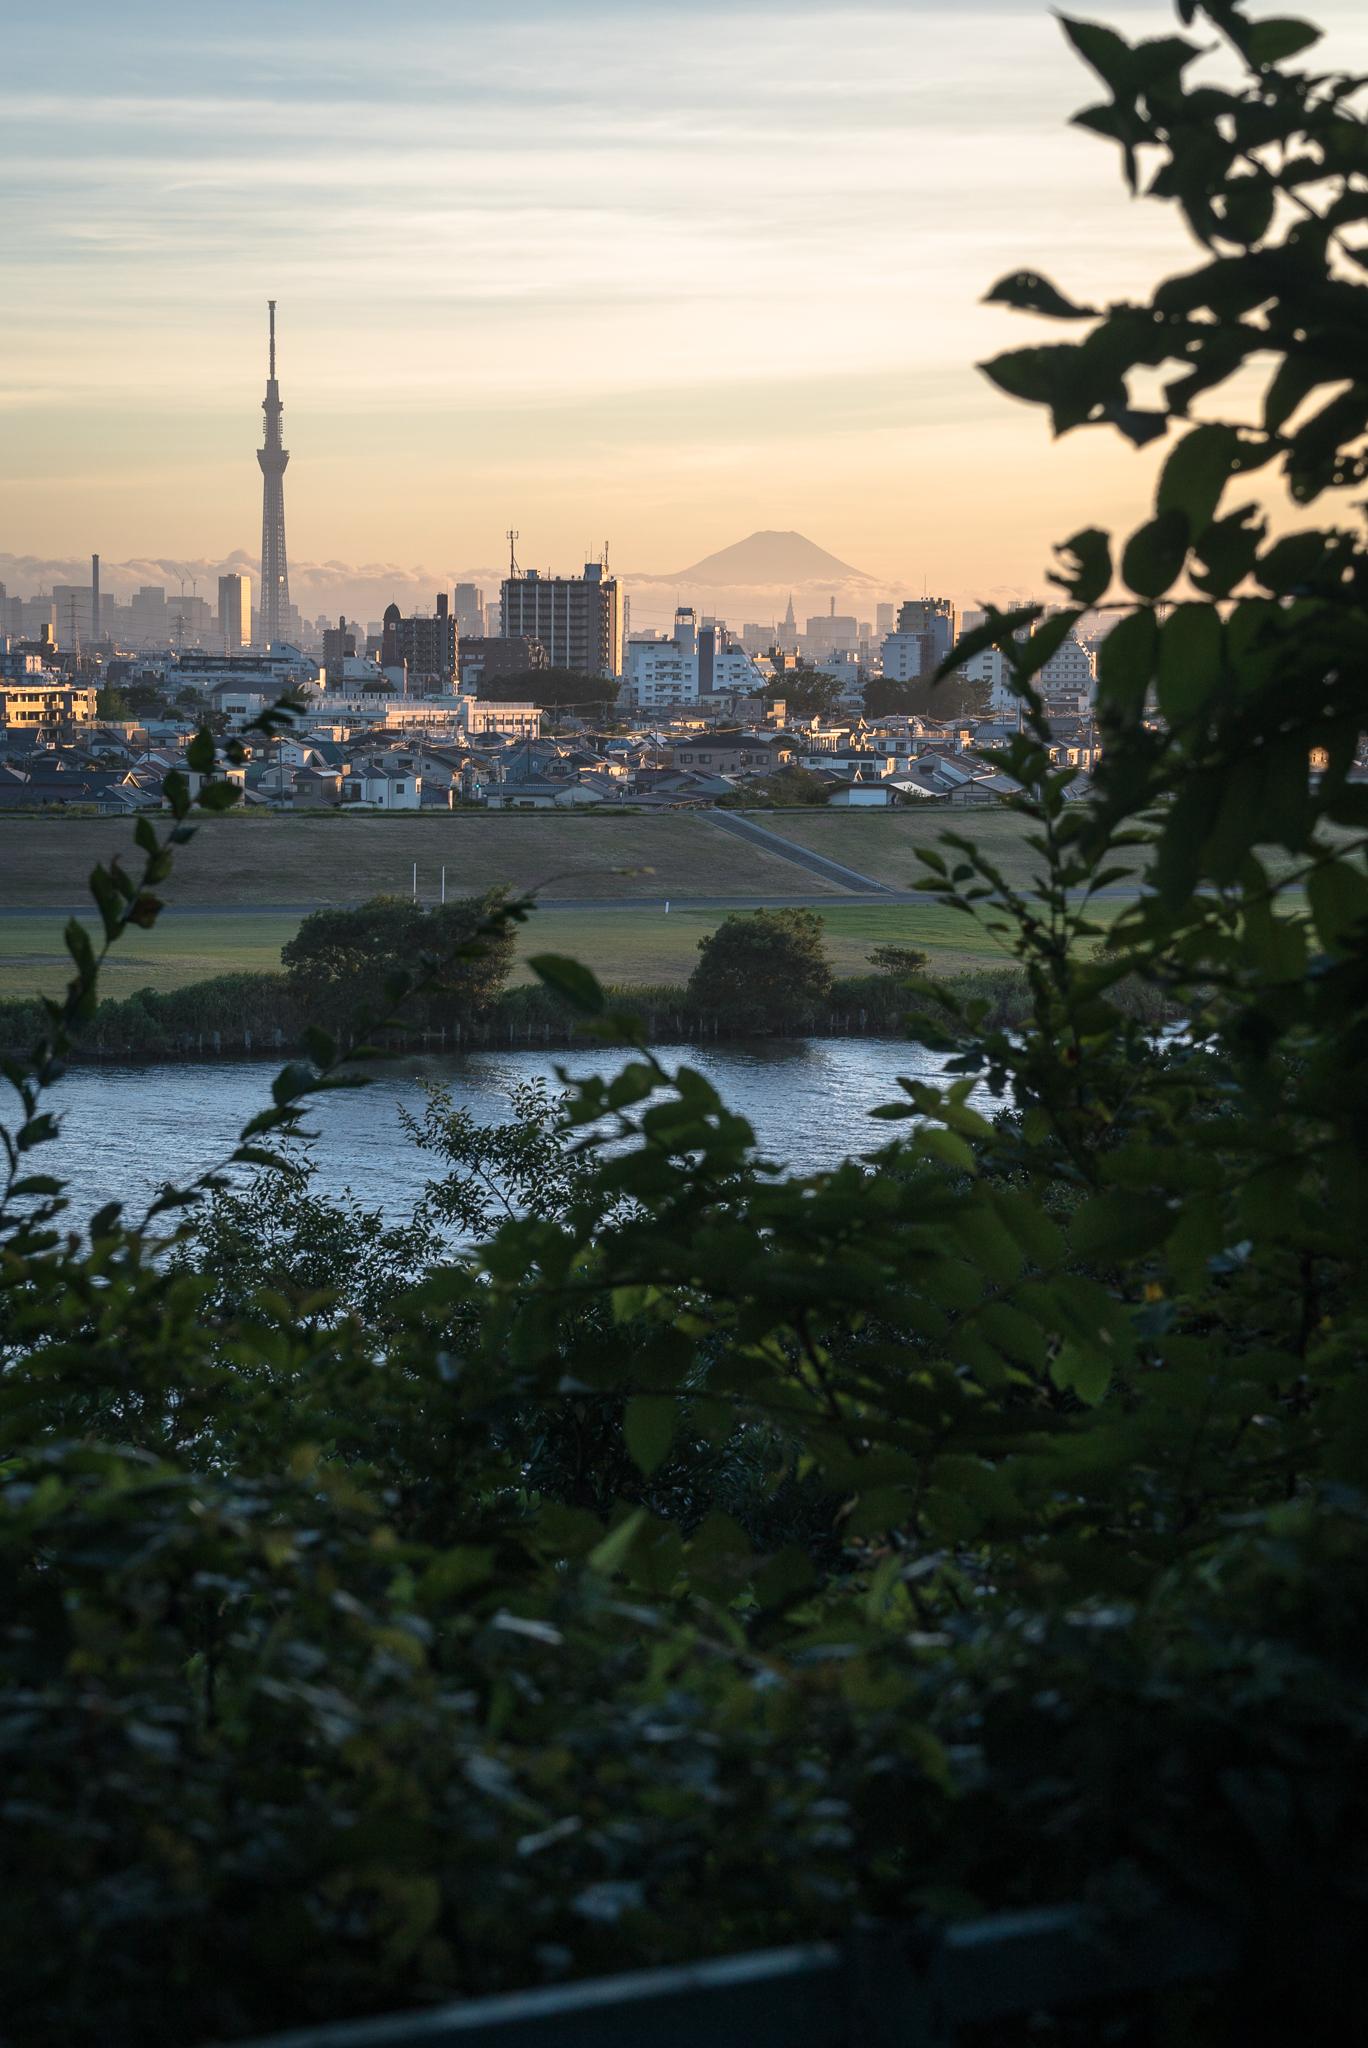 「里見公園からの夏の夕景」